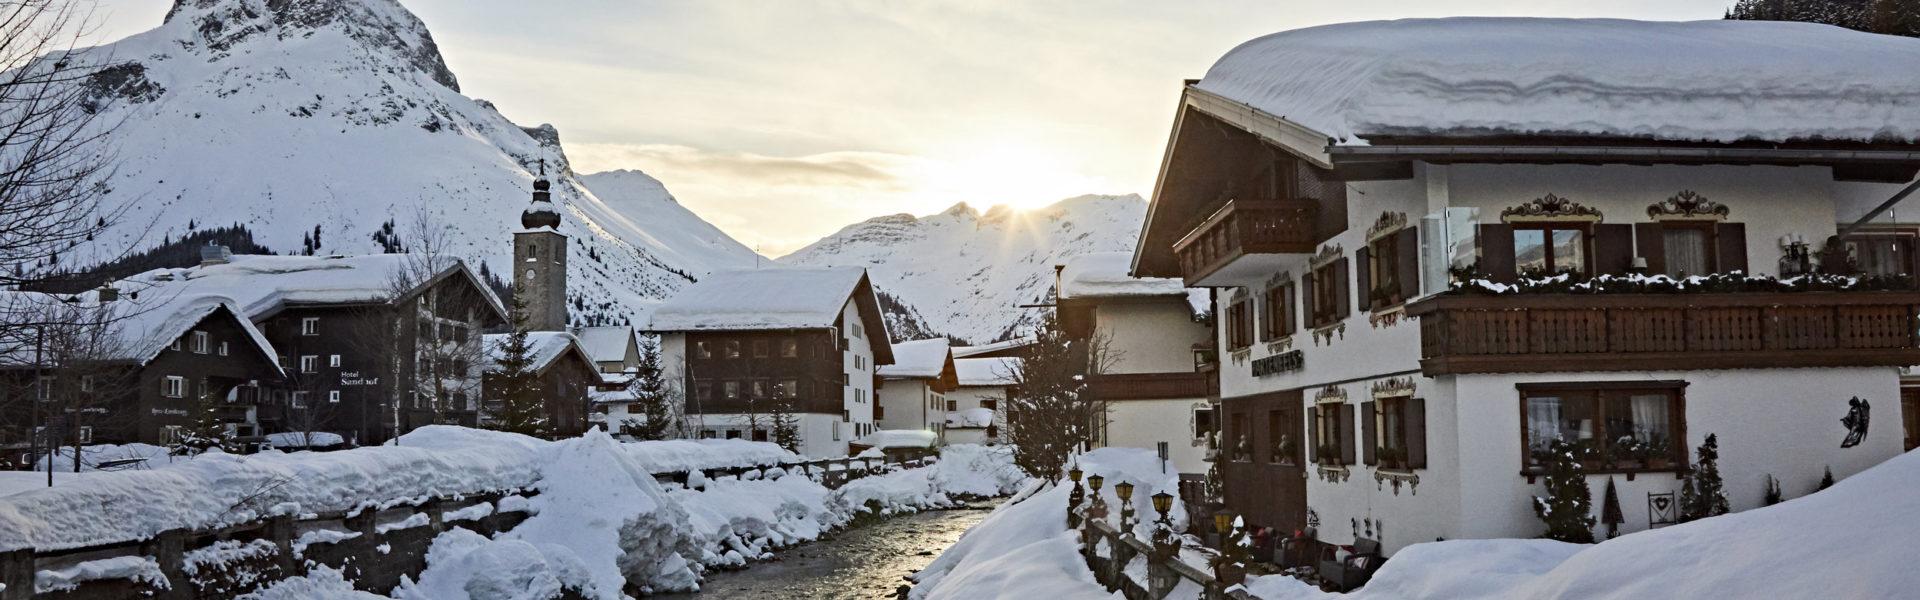 Lech am Arlberg © Gert Krautbauer / Vorarlberg Tourismus